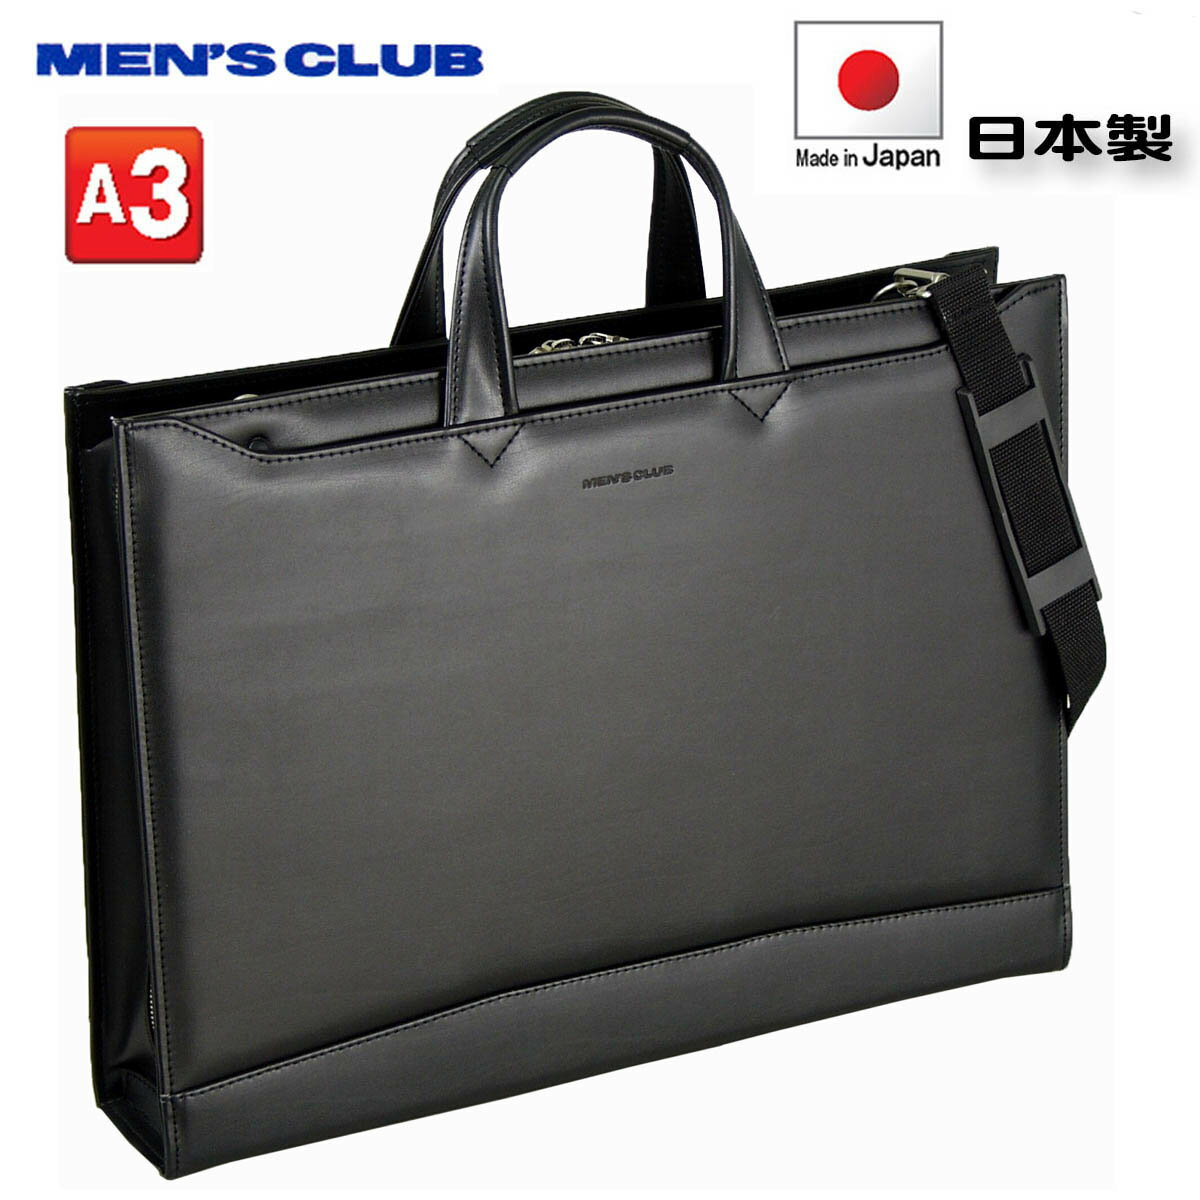 ビジネスバッグ MEN'S CLUB メンズクラブ No:22156 A3 ショルダーベルト 2Way タイプ 軽量 汚れ 水に強い 使い易い 自立式 2本手 ブリーフ 通勤 通学 就活 国産 鞄倶楽部